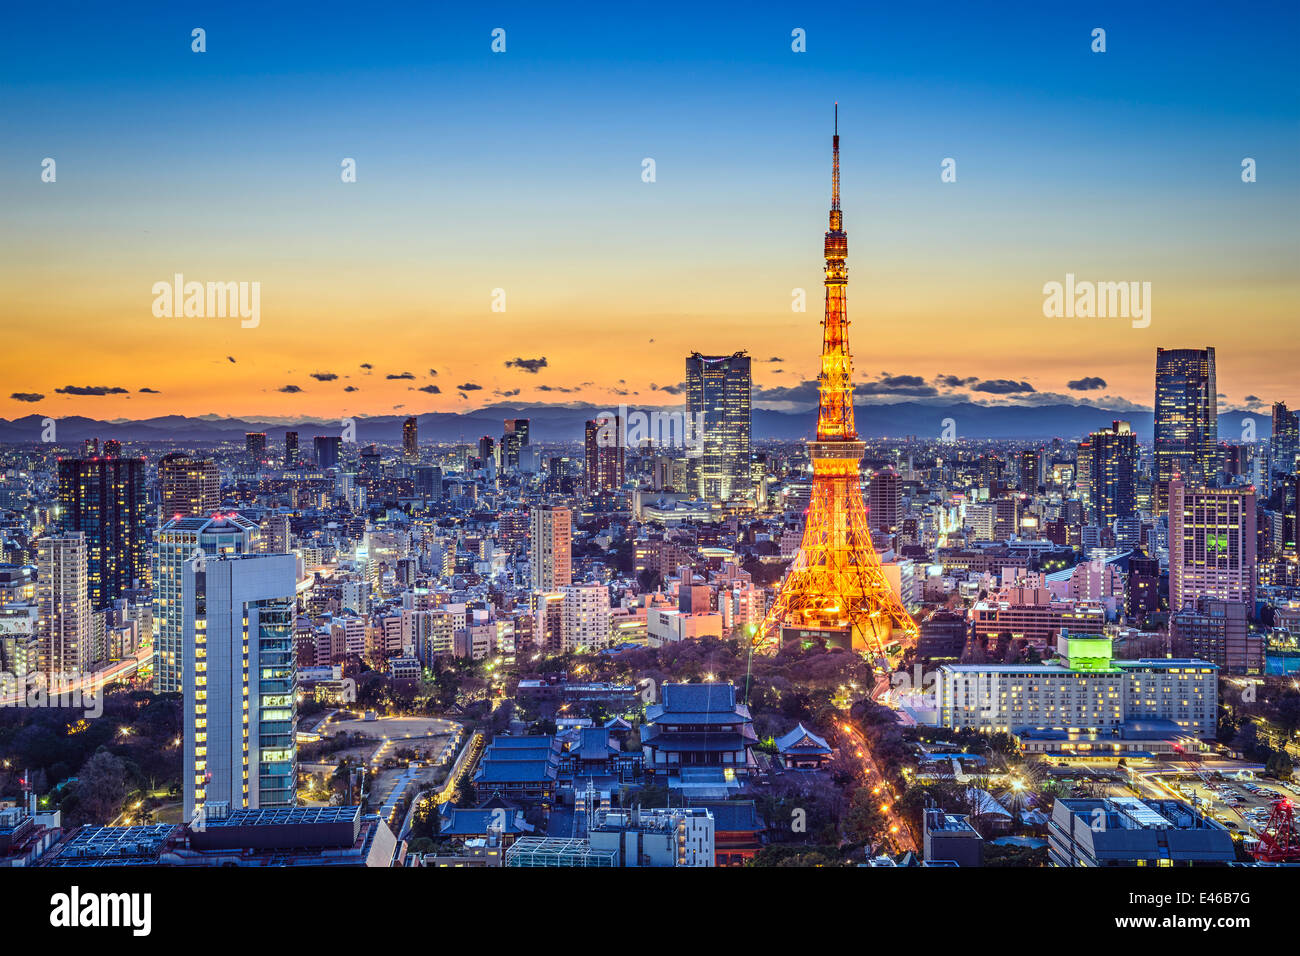 El horizonte de la ciudad de Tokio, Japón Imagen De Stock